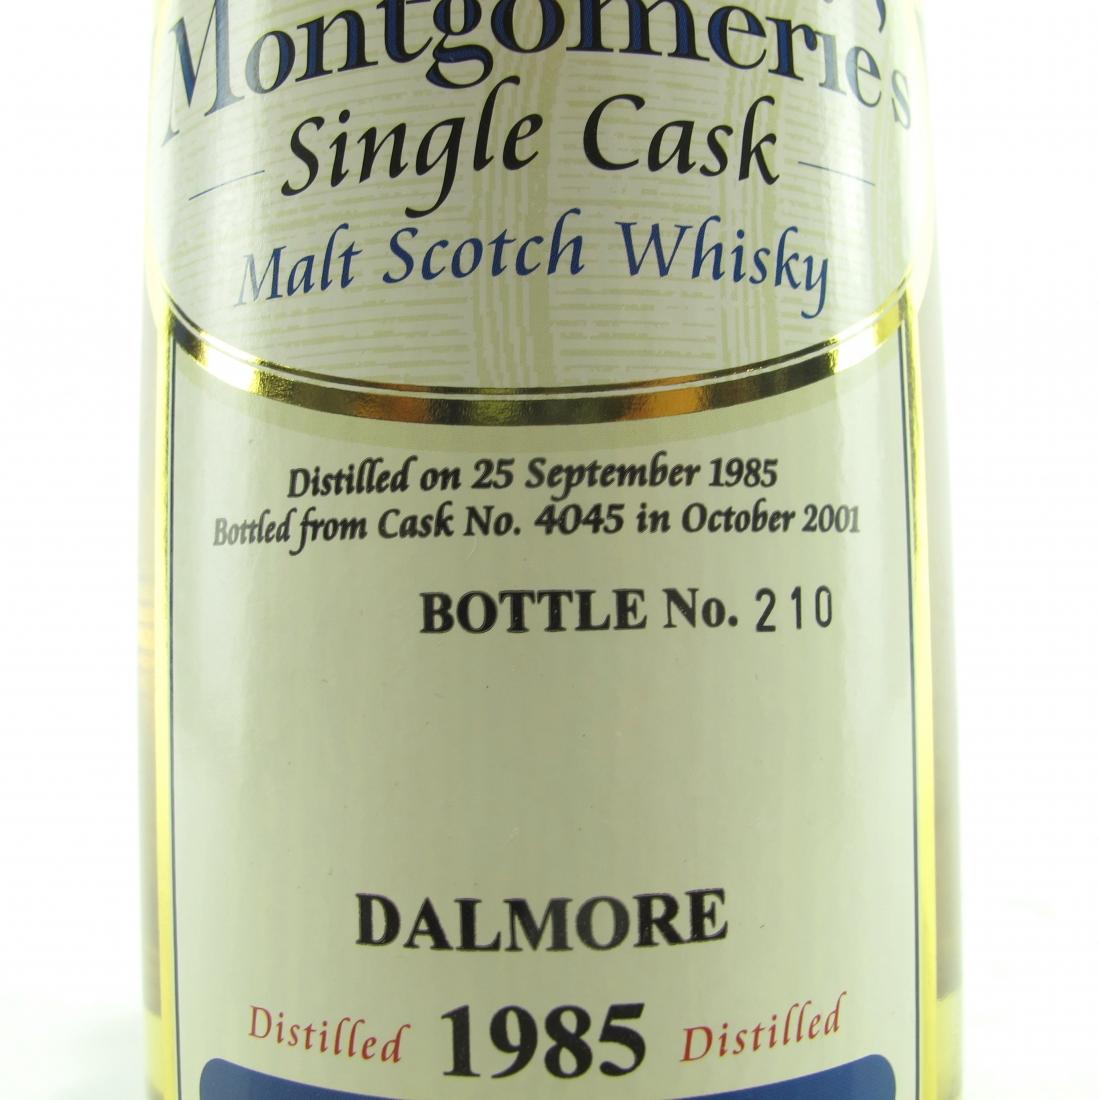 Dalmore 1985 Montgomerie's Single Cask